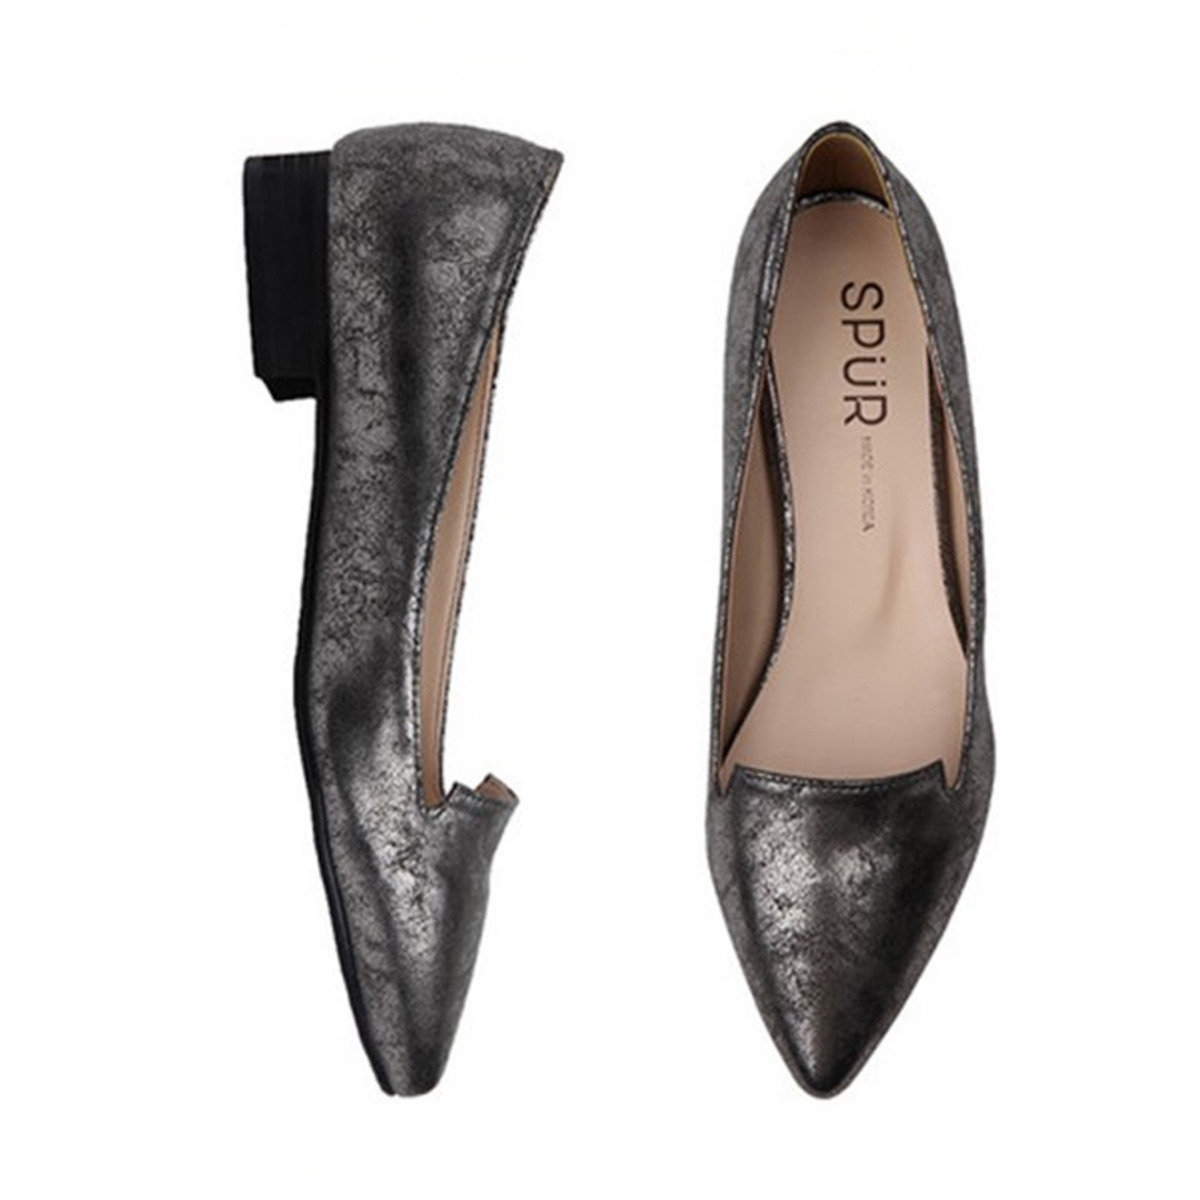 裂紋箔面平底鞋